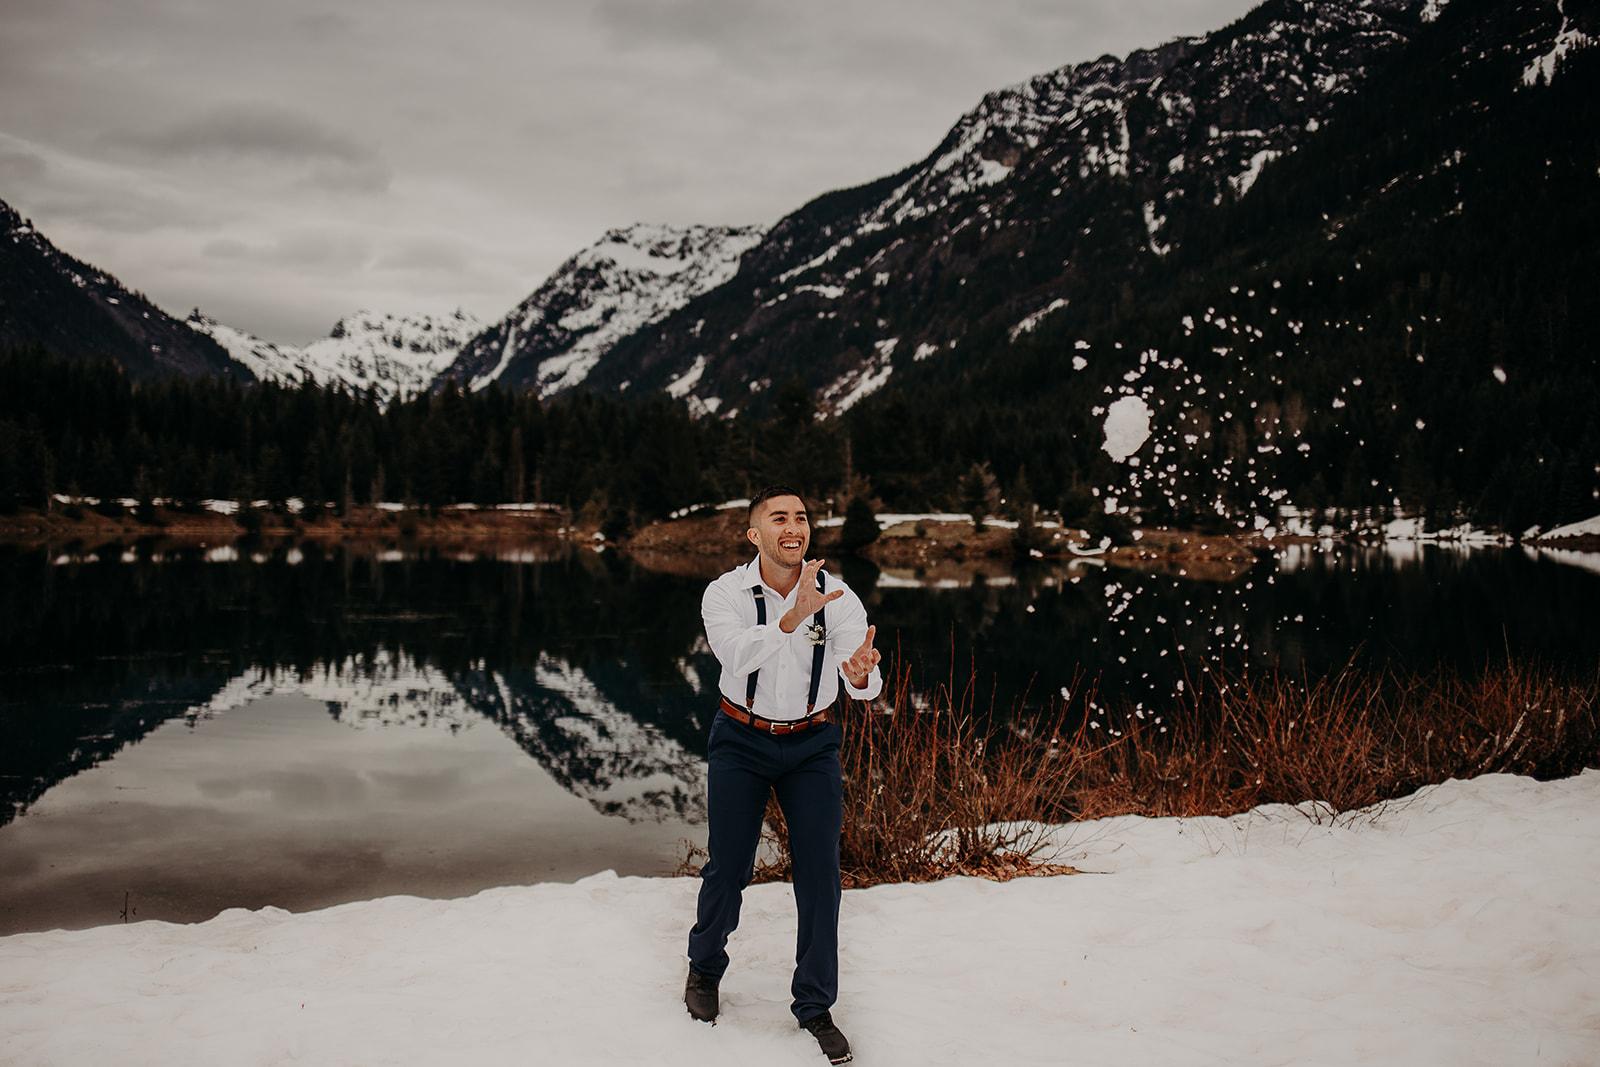 winter-mountain-elopement-asheville-wedding-photographer-megan-gallagher-photographer (45).jpg